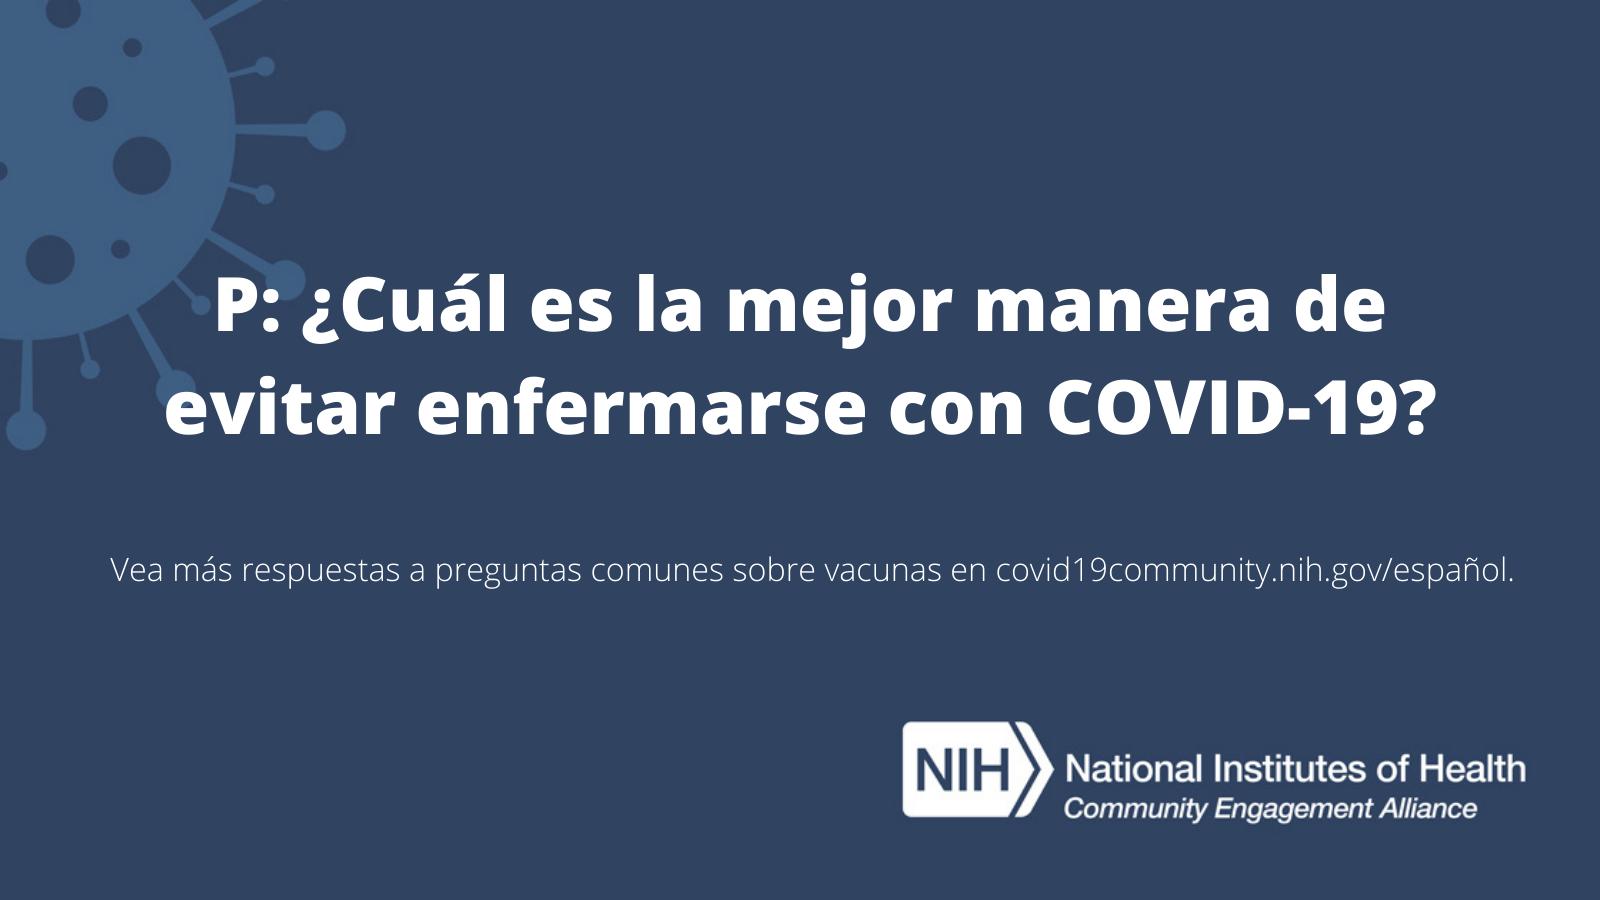 P: ¿Cuál es la mejor manera de evitar enfermarse con COVID-19?